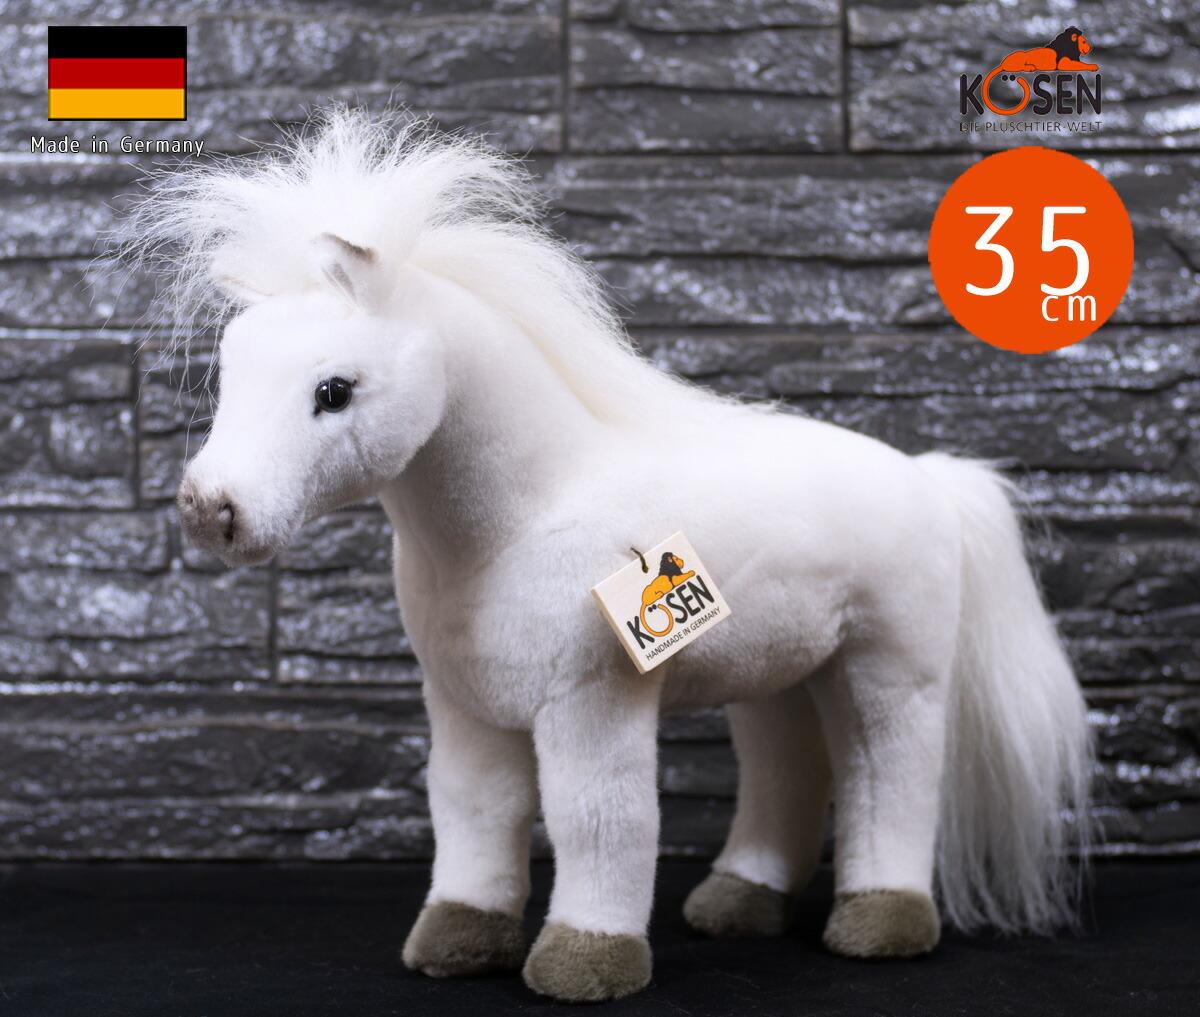 ホワイトホース KOSEN(ケーセン社) 35cm White Horse/ぬいぐるみ プレゼント/リアル/動物/ギフト/子供/女の子/男の子/大人/クリスマス